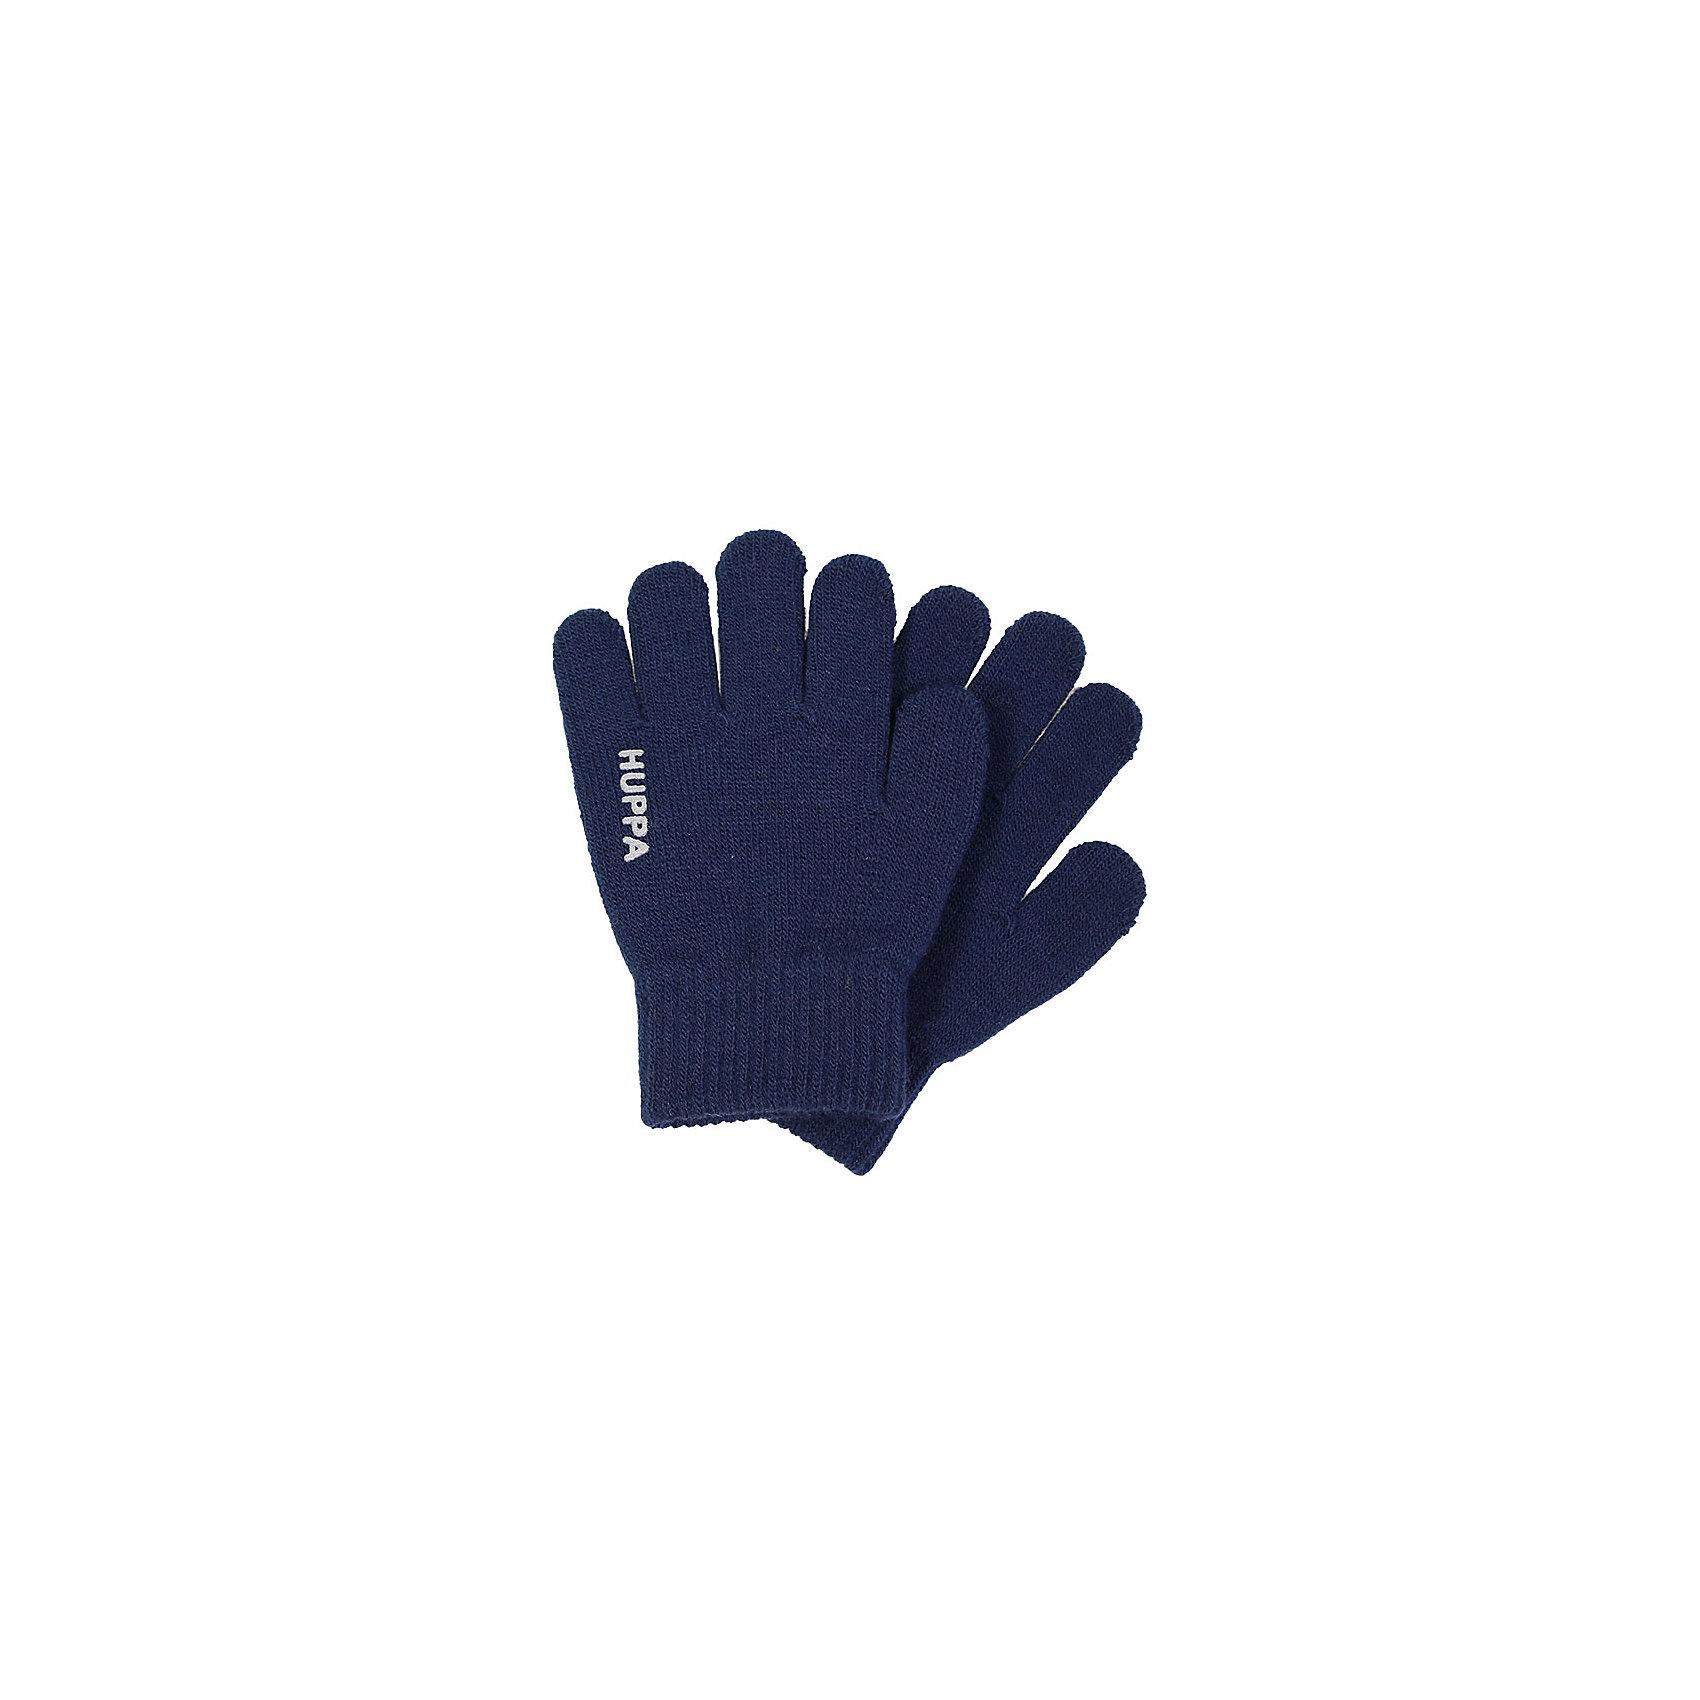 Перчатки LEVI HuppaХарактеристики товара:<br><br>• цвет: тёмно-синий<br>• состав: 100% акрил<br>• температурный режим: от 0°С до +10°С<br>• мягкая пряжа<br>• логотип<br>• широкая мягкая резинка<br>• комфортная посадка<br>• страна бренда: Эстония<br><br>Эти перчатки обеспечат детям тепло и комфорт в межсезонье. Они сделаны из мягкого дышащего материала, поэтому изделие идеально подходит для межсезонья. Перчатки очень симпатично смотрятся. Модель была разработана специально для детей.<br><br>Одежда и обувь от популярного эстонского бренда Huppa - отличный вариант одеть ребенка можно и комфортно. Вещи, выпускаемые компанией, качественные, продуманные и очень удобные. Для производства изделий используются только безопасные для детей материалы. Продукция от Huppa порадует и детей, и их родителей!<br><br>Перчатки LEVI от бренда Huppa (Хуппа) можно купить в нашем интернет-магазине.<br><br>Ширина мм: 162<br>Глубина мм: 171<br>Высота мм: 55<br>Вес г: 119<br>Цвет: синий<br>Возраст от месяцев: 48<br>Возраст до месяцев: 60<br>Пол: Унисекс<br>Возраст: Детский<br>Размер: 2,1<br>SKU: 5348061